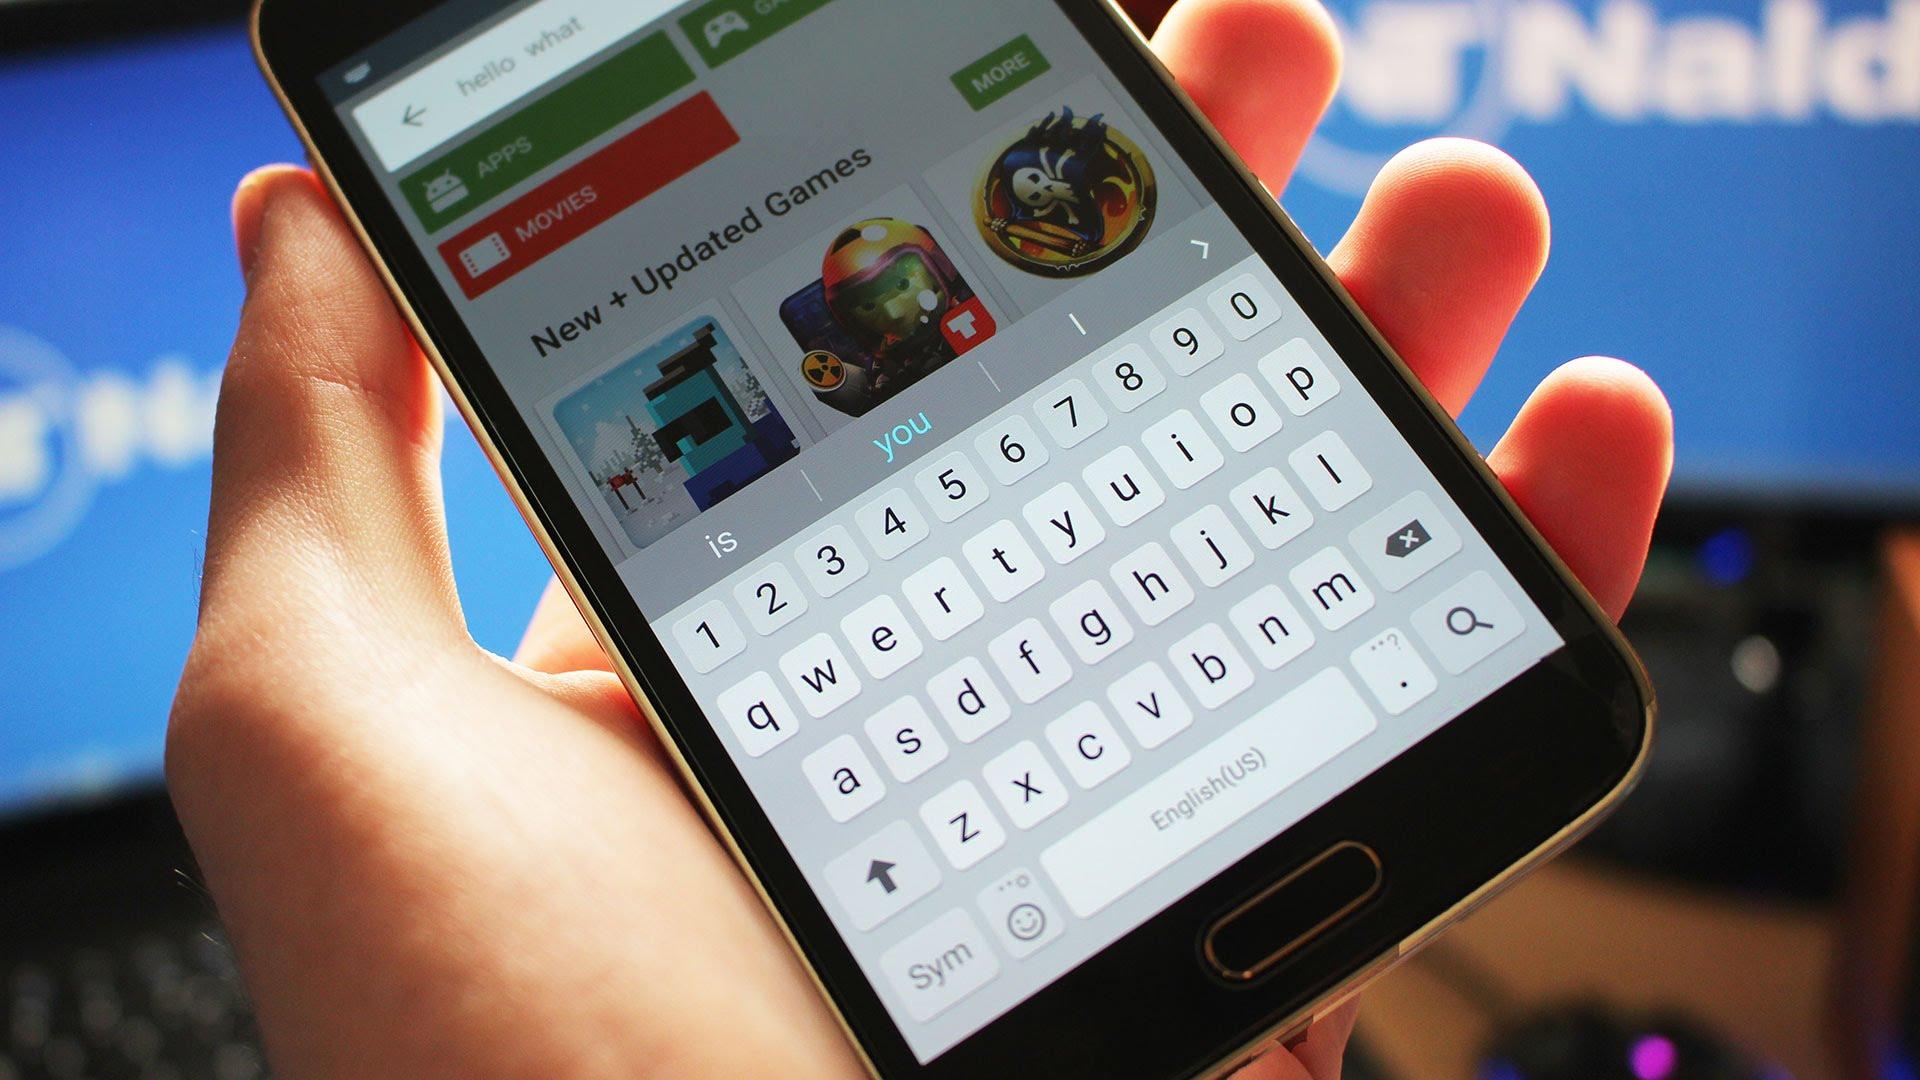 تطبيق لوحة مفاتيح سامسونج متاح الآن على متجر بلاي